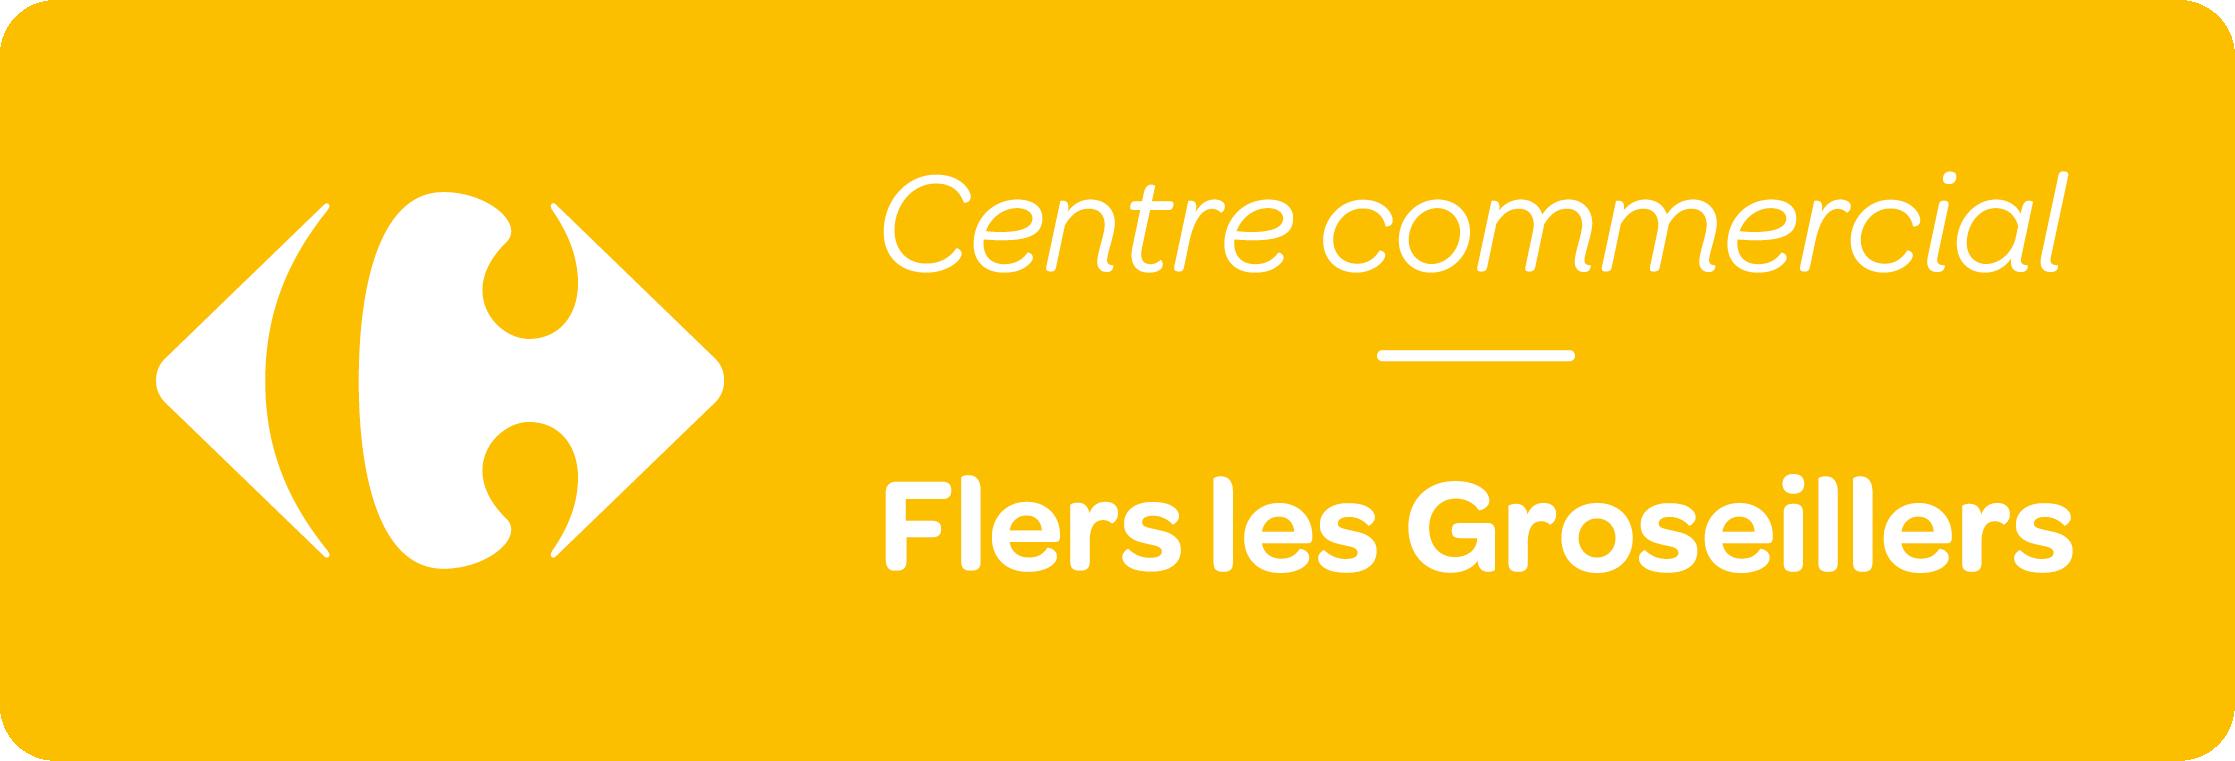 Centre Commercial Carrefour Flers Les Groseillers